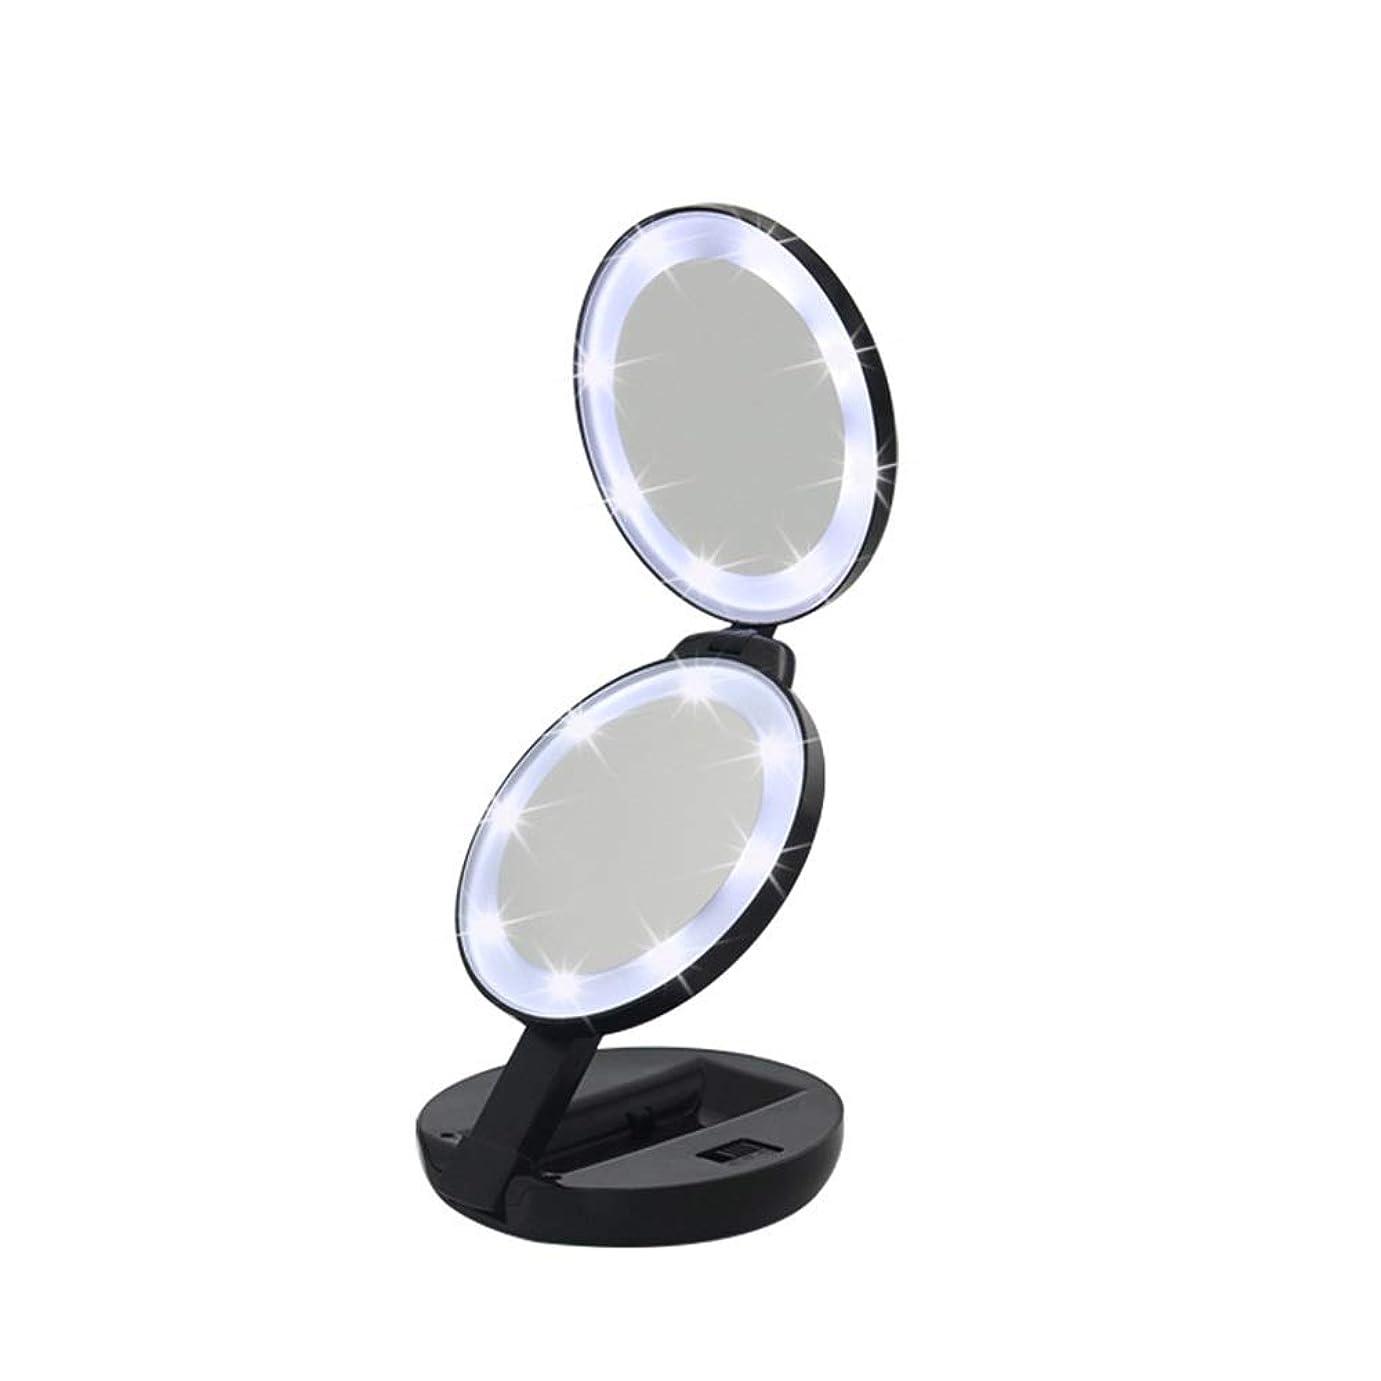 所得誓い抑制する流行の 新しいラウンド三つ折りLEDフィルライト化粧鏡ABS素材虫眼鏡ハンドヘルド美容ミラーブラック